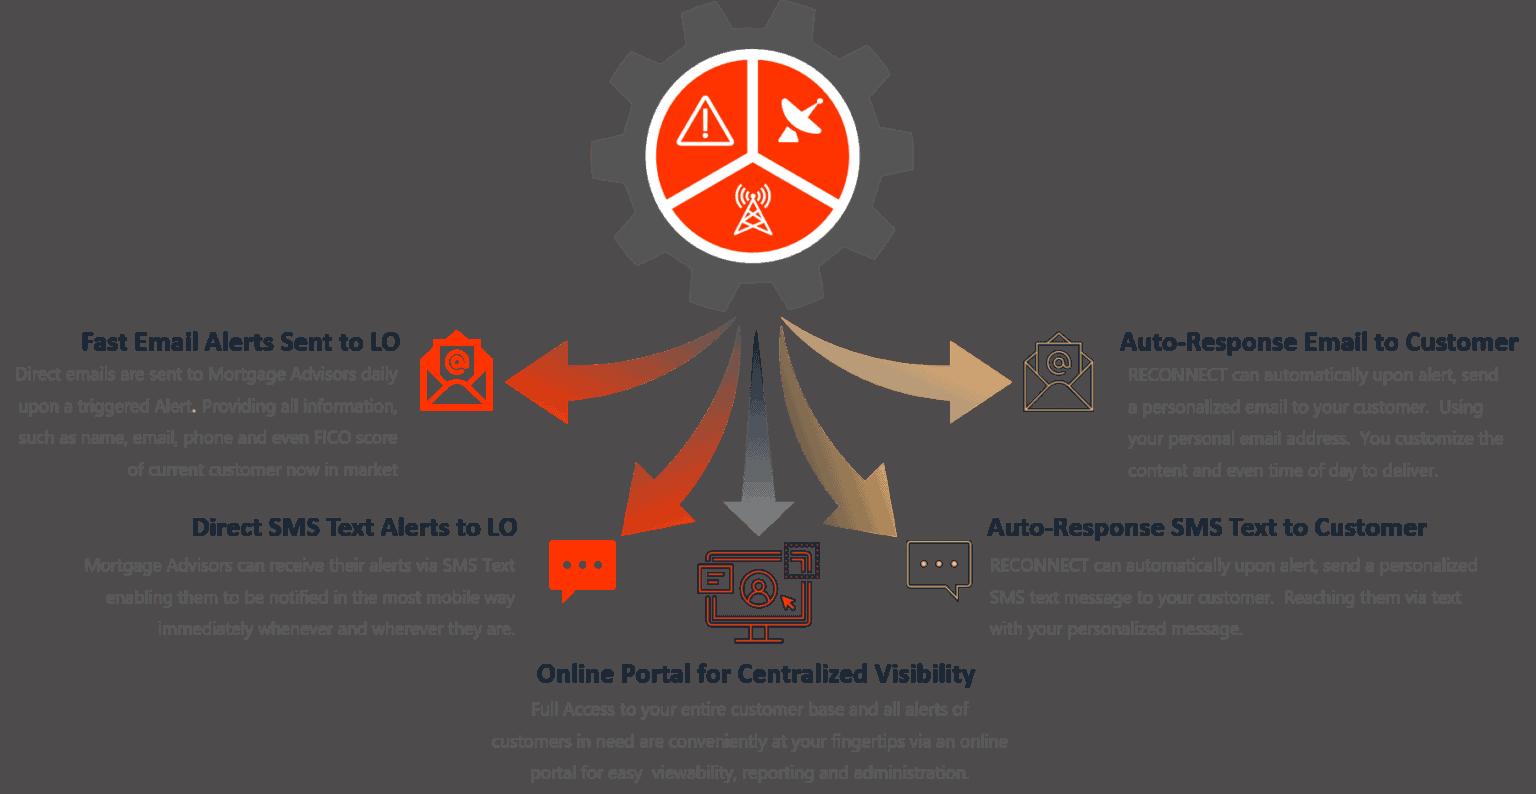 AutoAlertResponse-infographic-1536x794